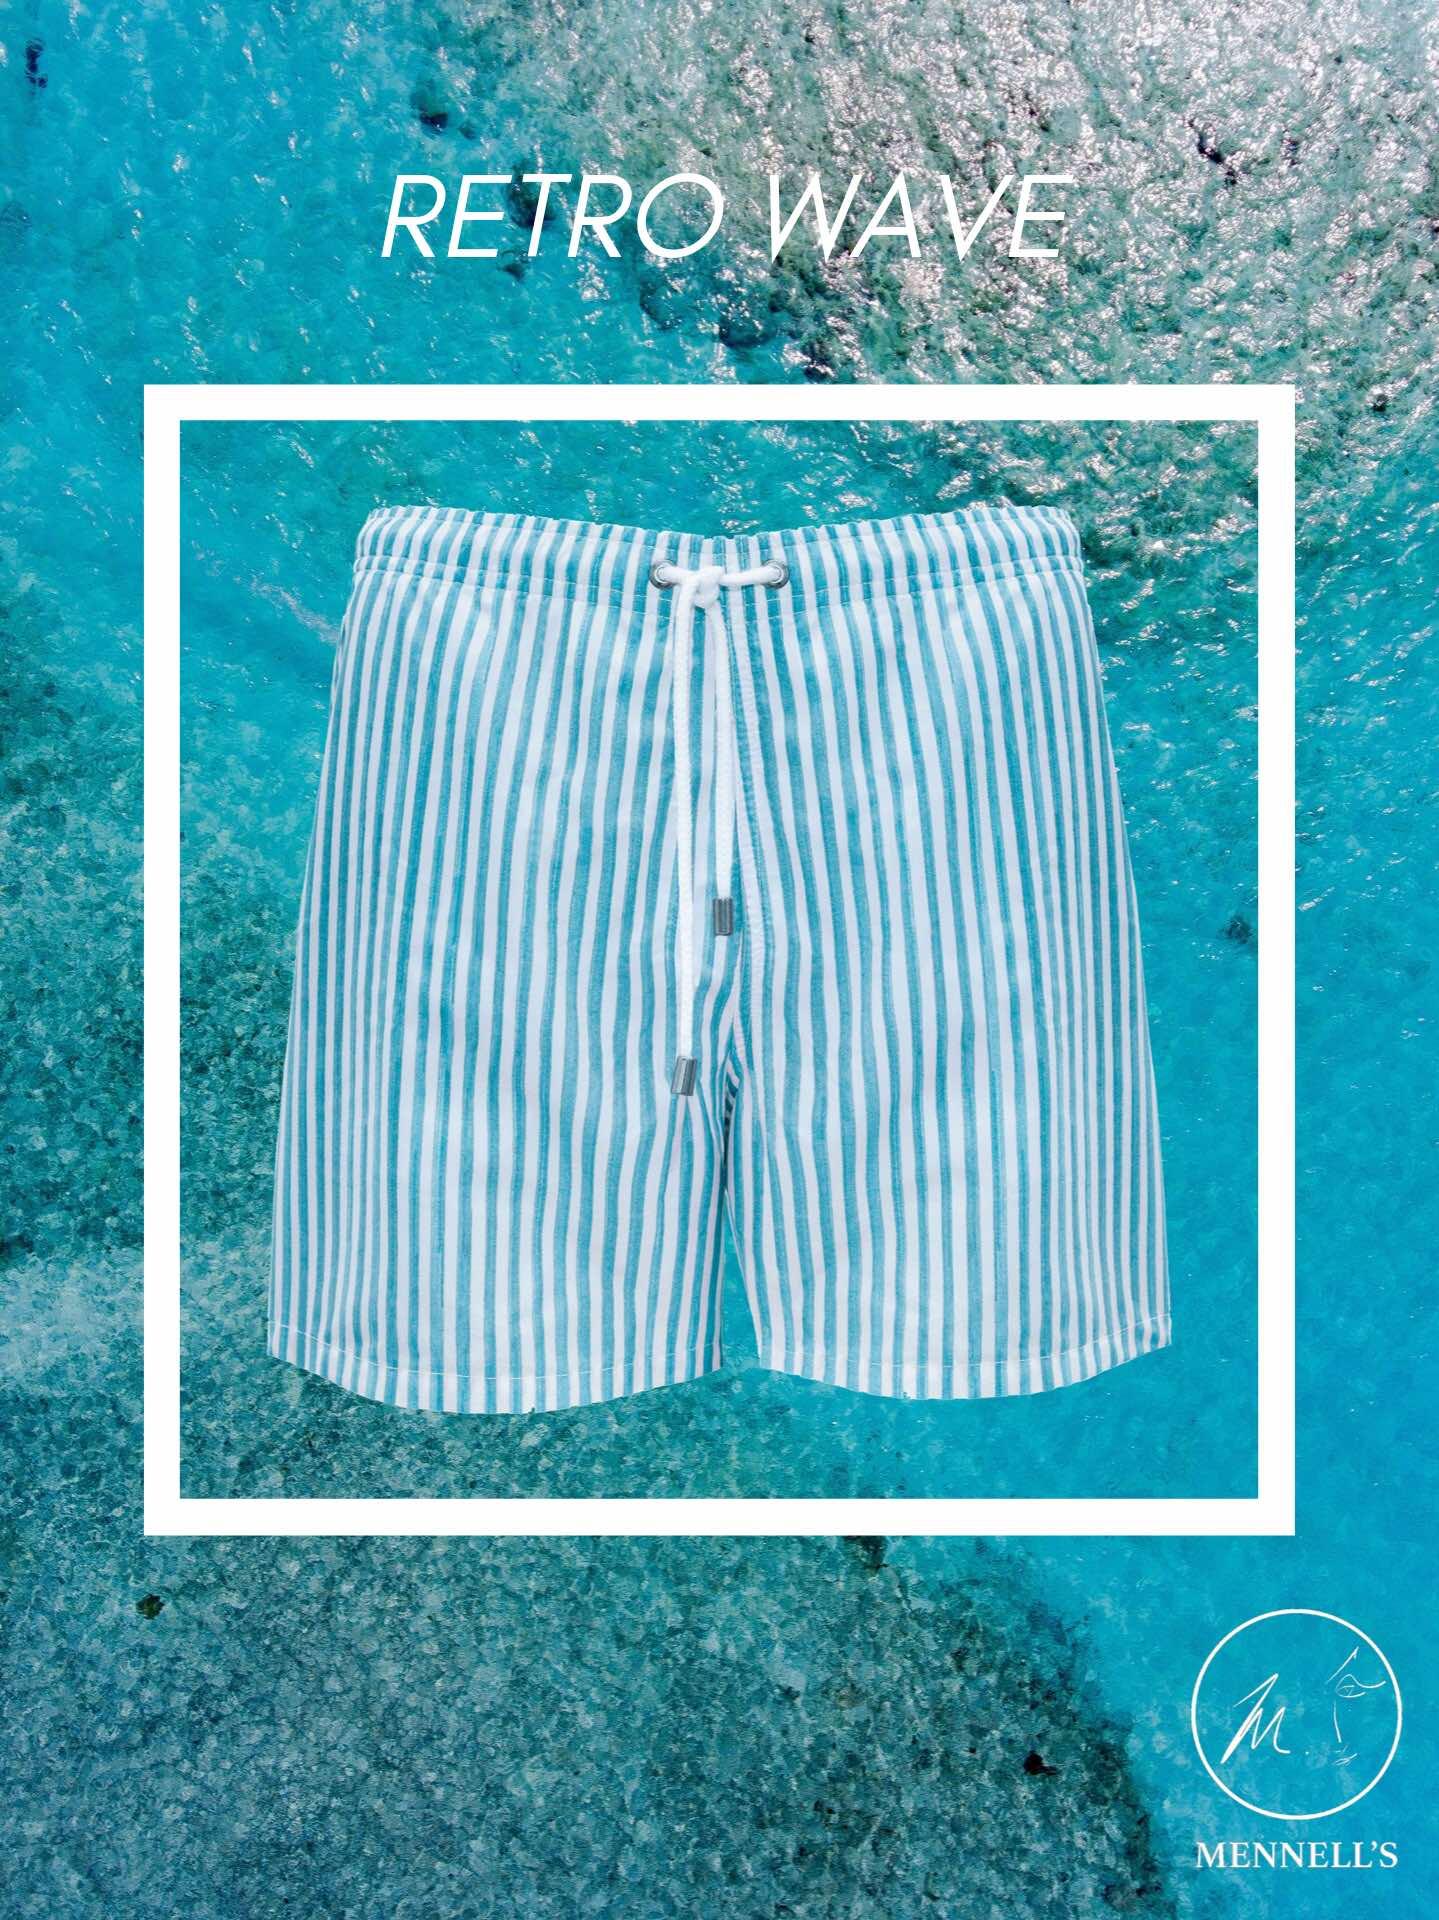 Mennell's Swimwear